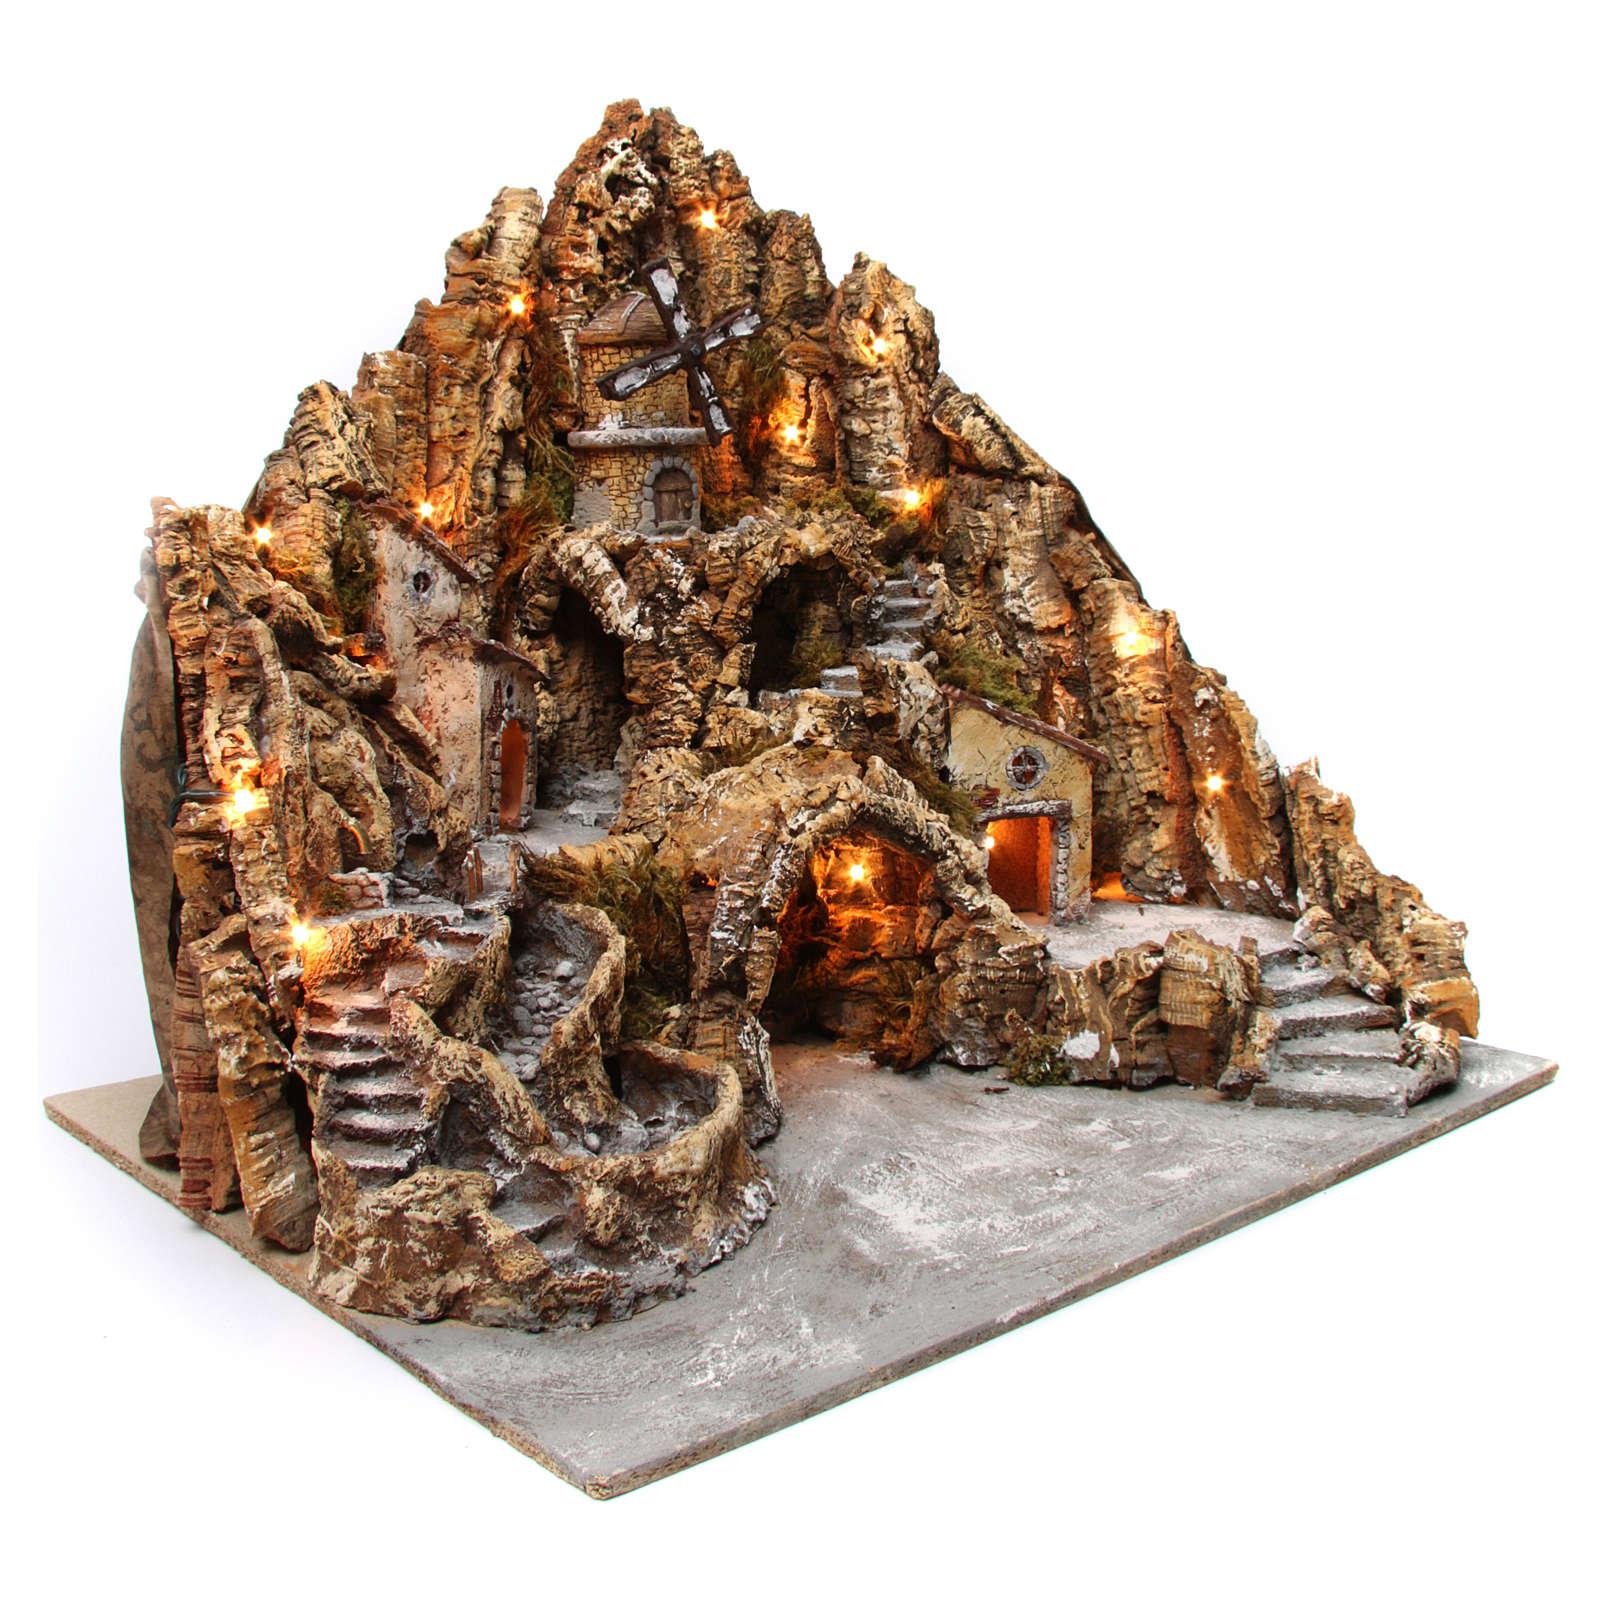 Belén iluminado de madera musgo corcho molino río horno 60x70x65 cm belén napolitano 4